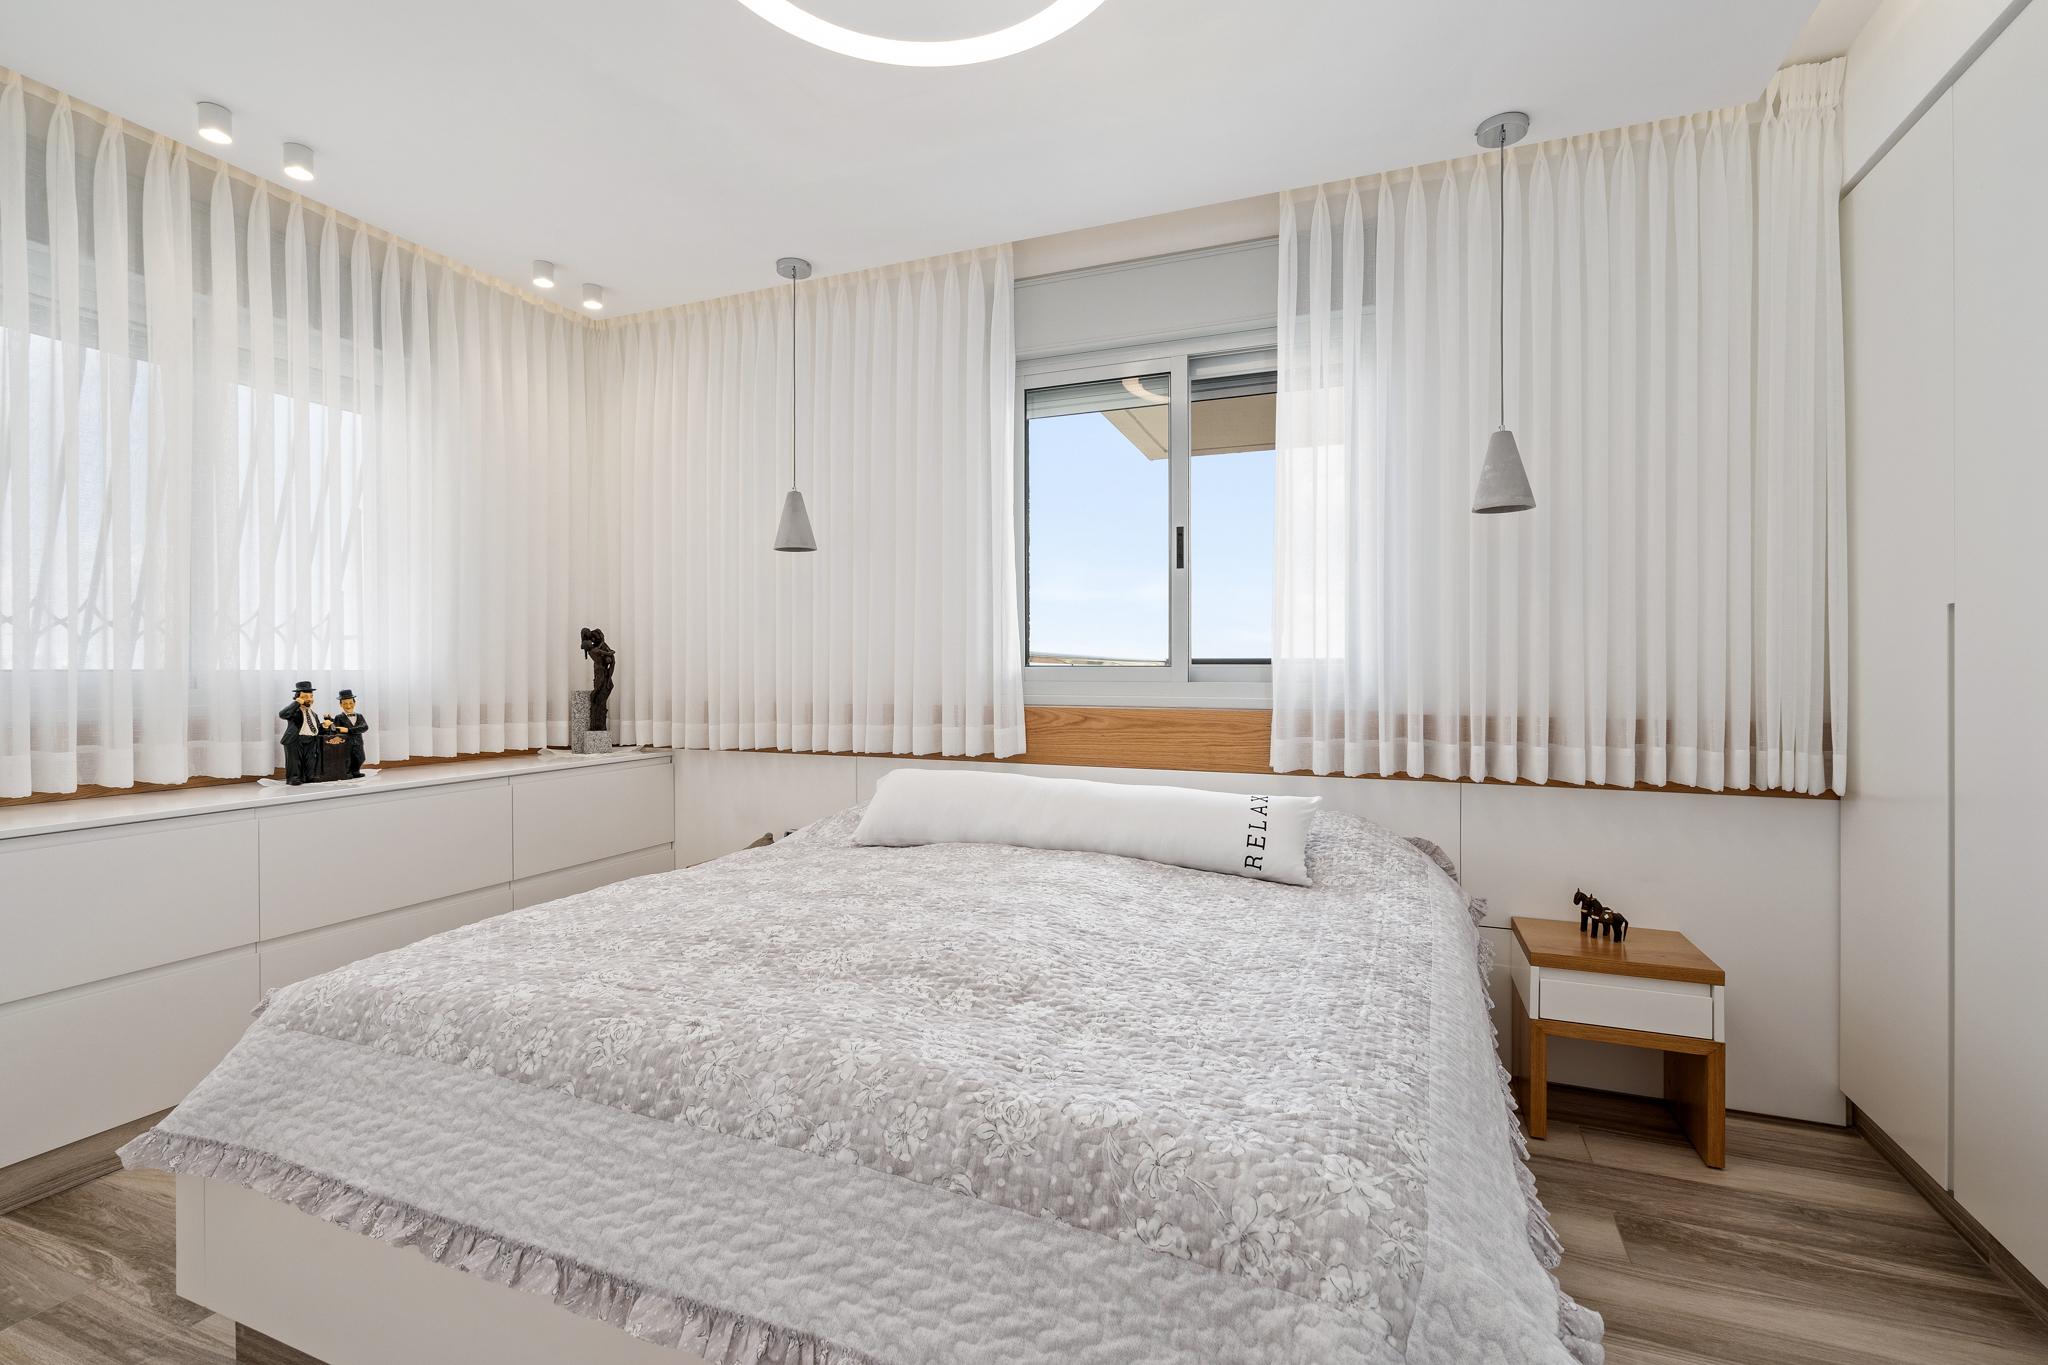 תאורה סמויה וגלויה בחדר השינה